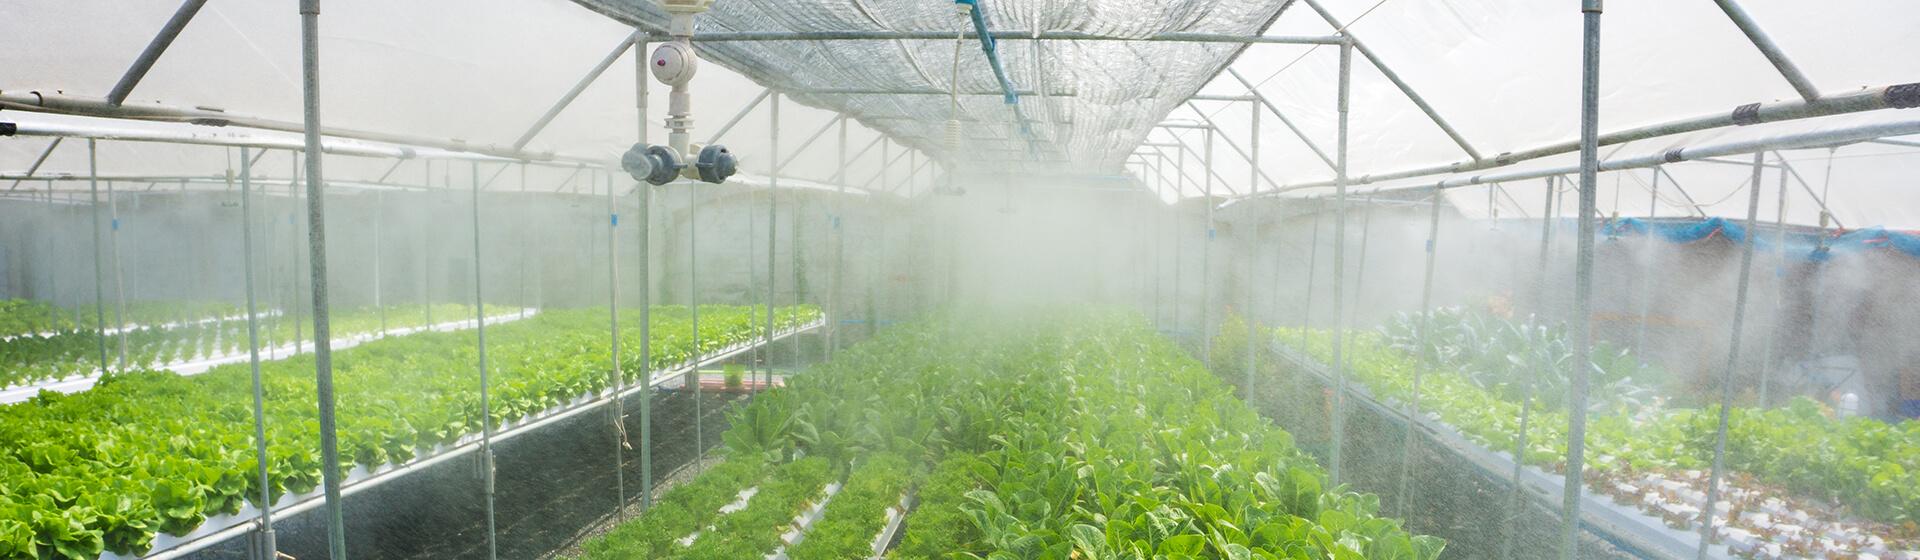 post_harvest_mist_fog_banner